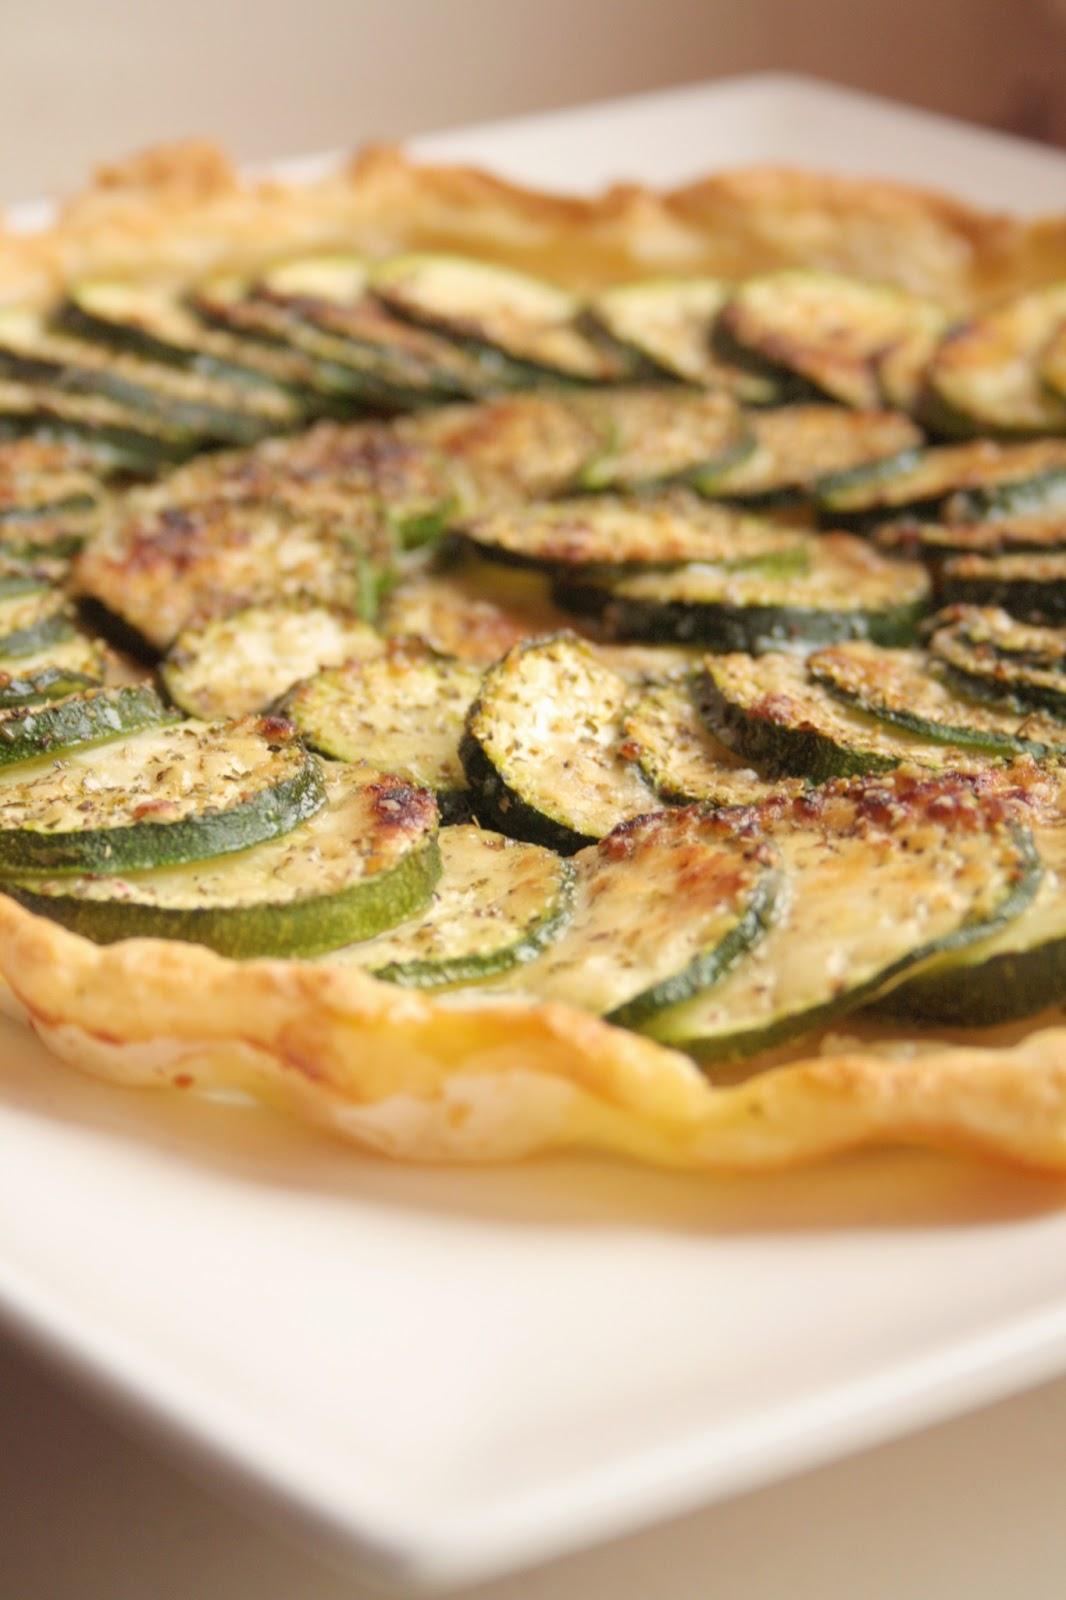 Lucie cuisine recettes di t tiques lucie cuisine - Cuisine legere et dietetique ...